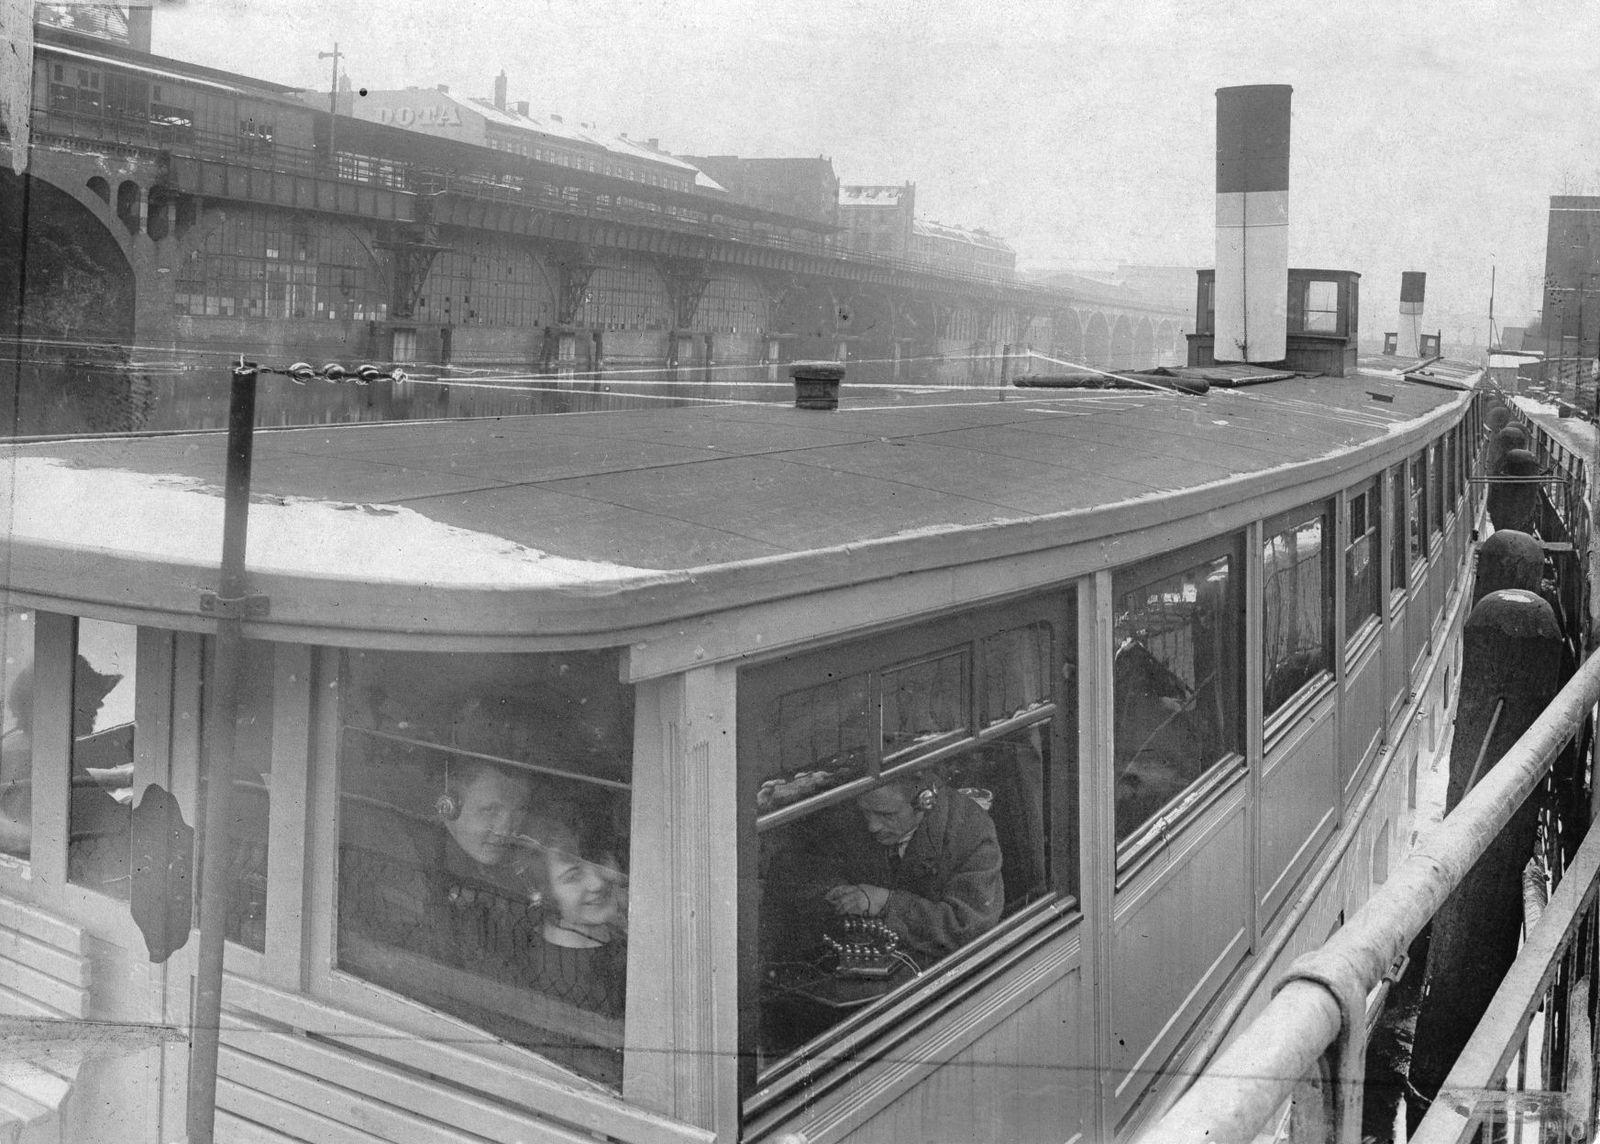 """Berlin: Rundfunk auf dem Wasser: Die Antenne auf dem Dach des Spreedampfers """"Wintermärchen"""", 1924 © bpk / Kunstbibliothek, SMB / Willy Römer"""